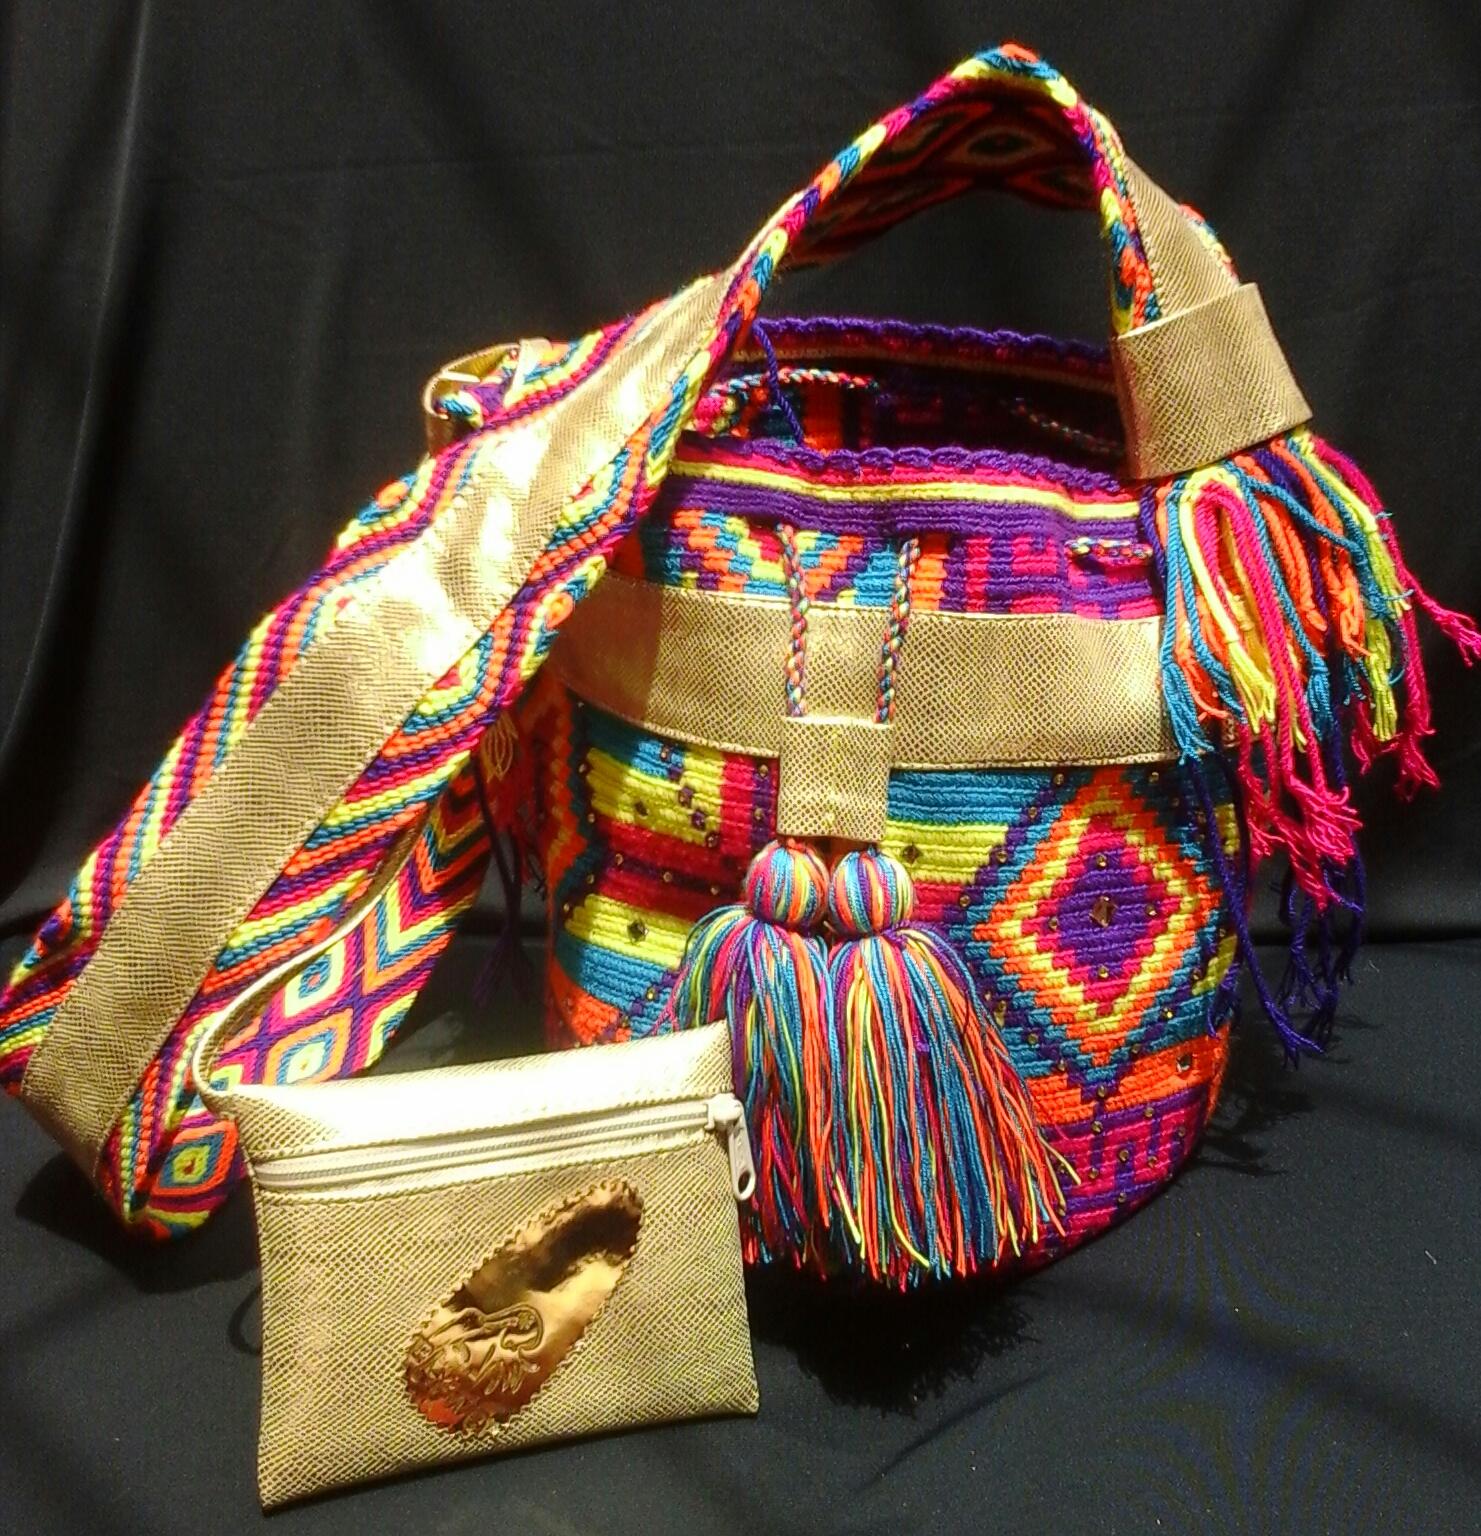 Las mochilas se elaboran en crochet (técnica introducida por los misioneros católicos a principios del siglo XX) o con ganchillo.